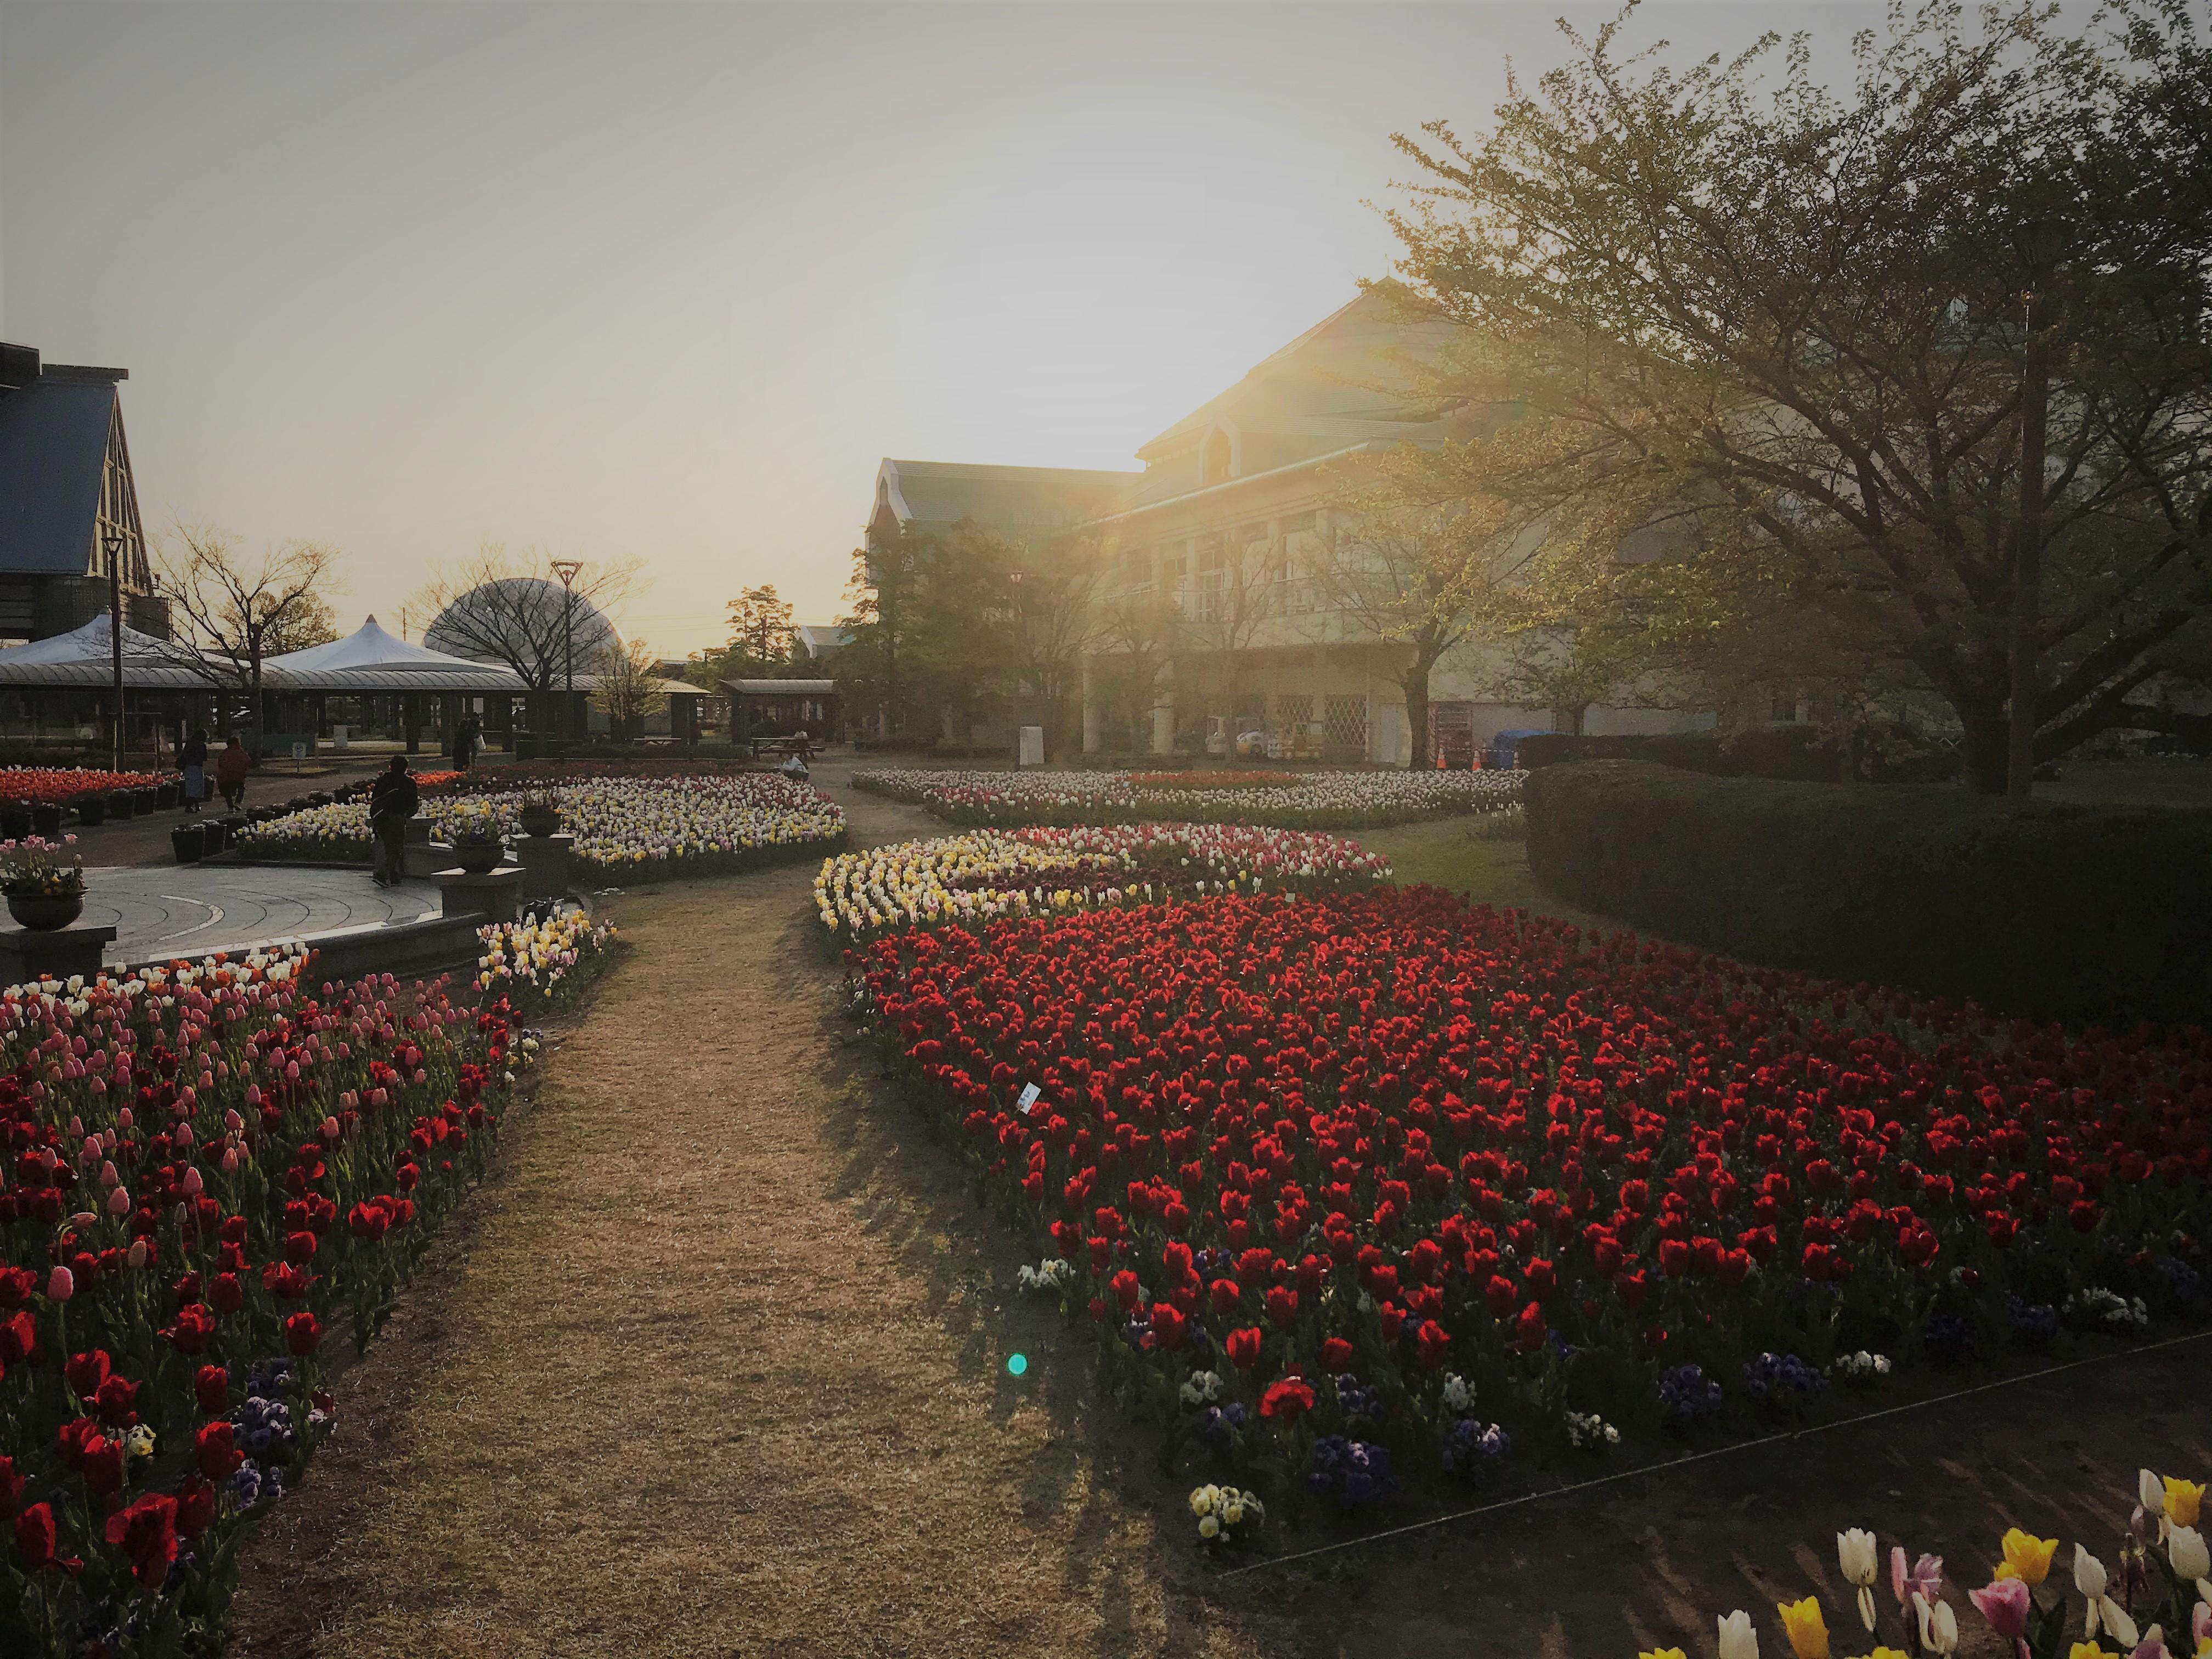 ふるさと村の西日に照らされる花畑